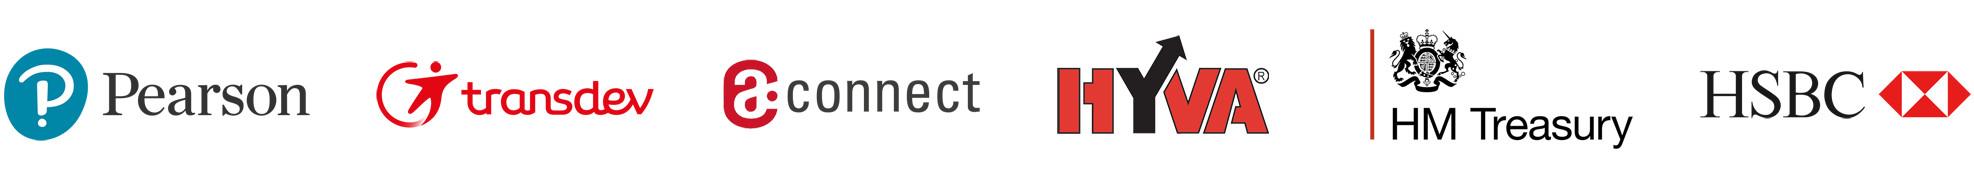 logo-slides1.jpg